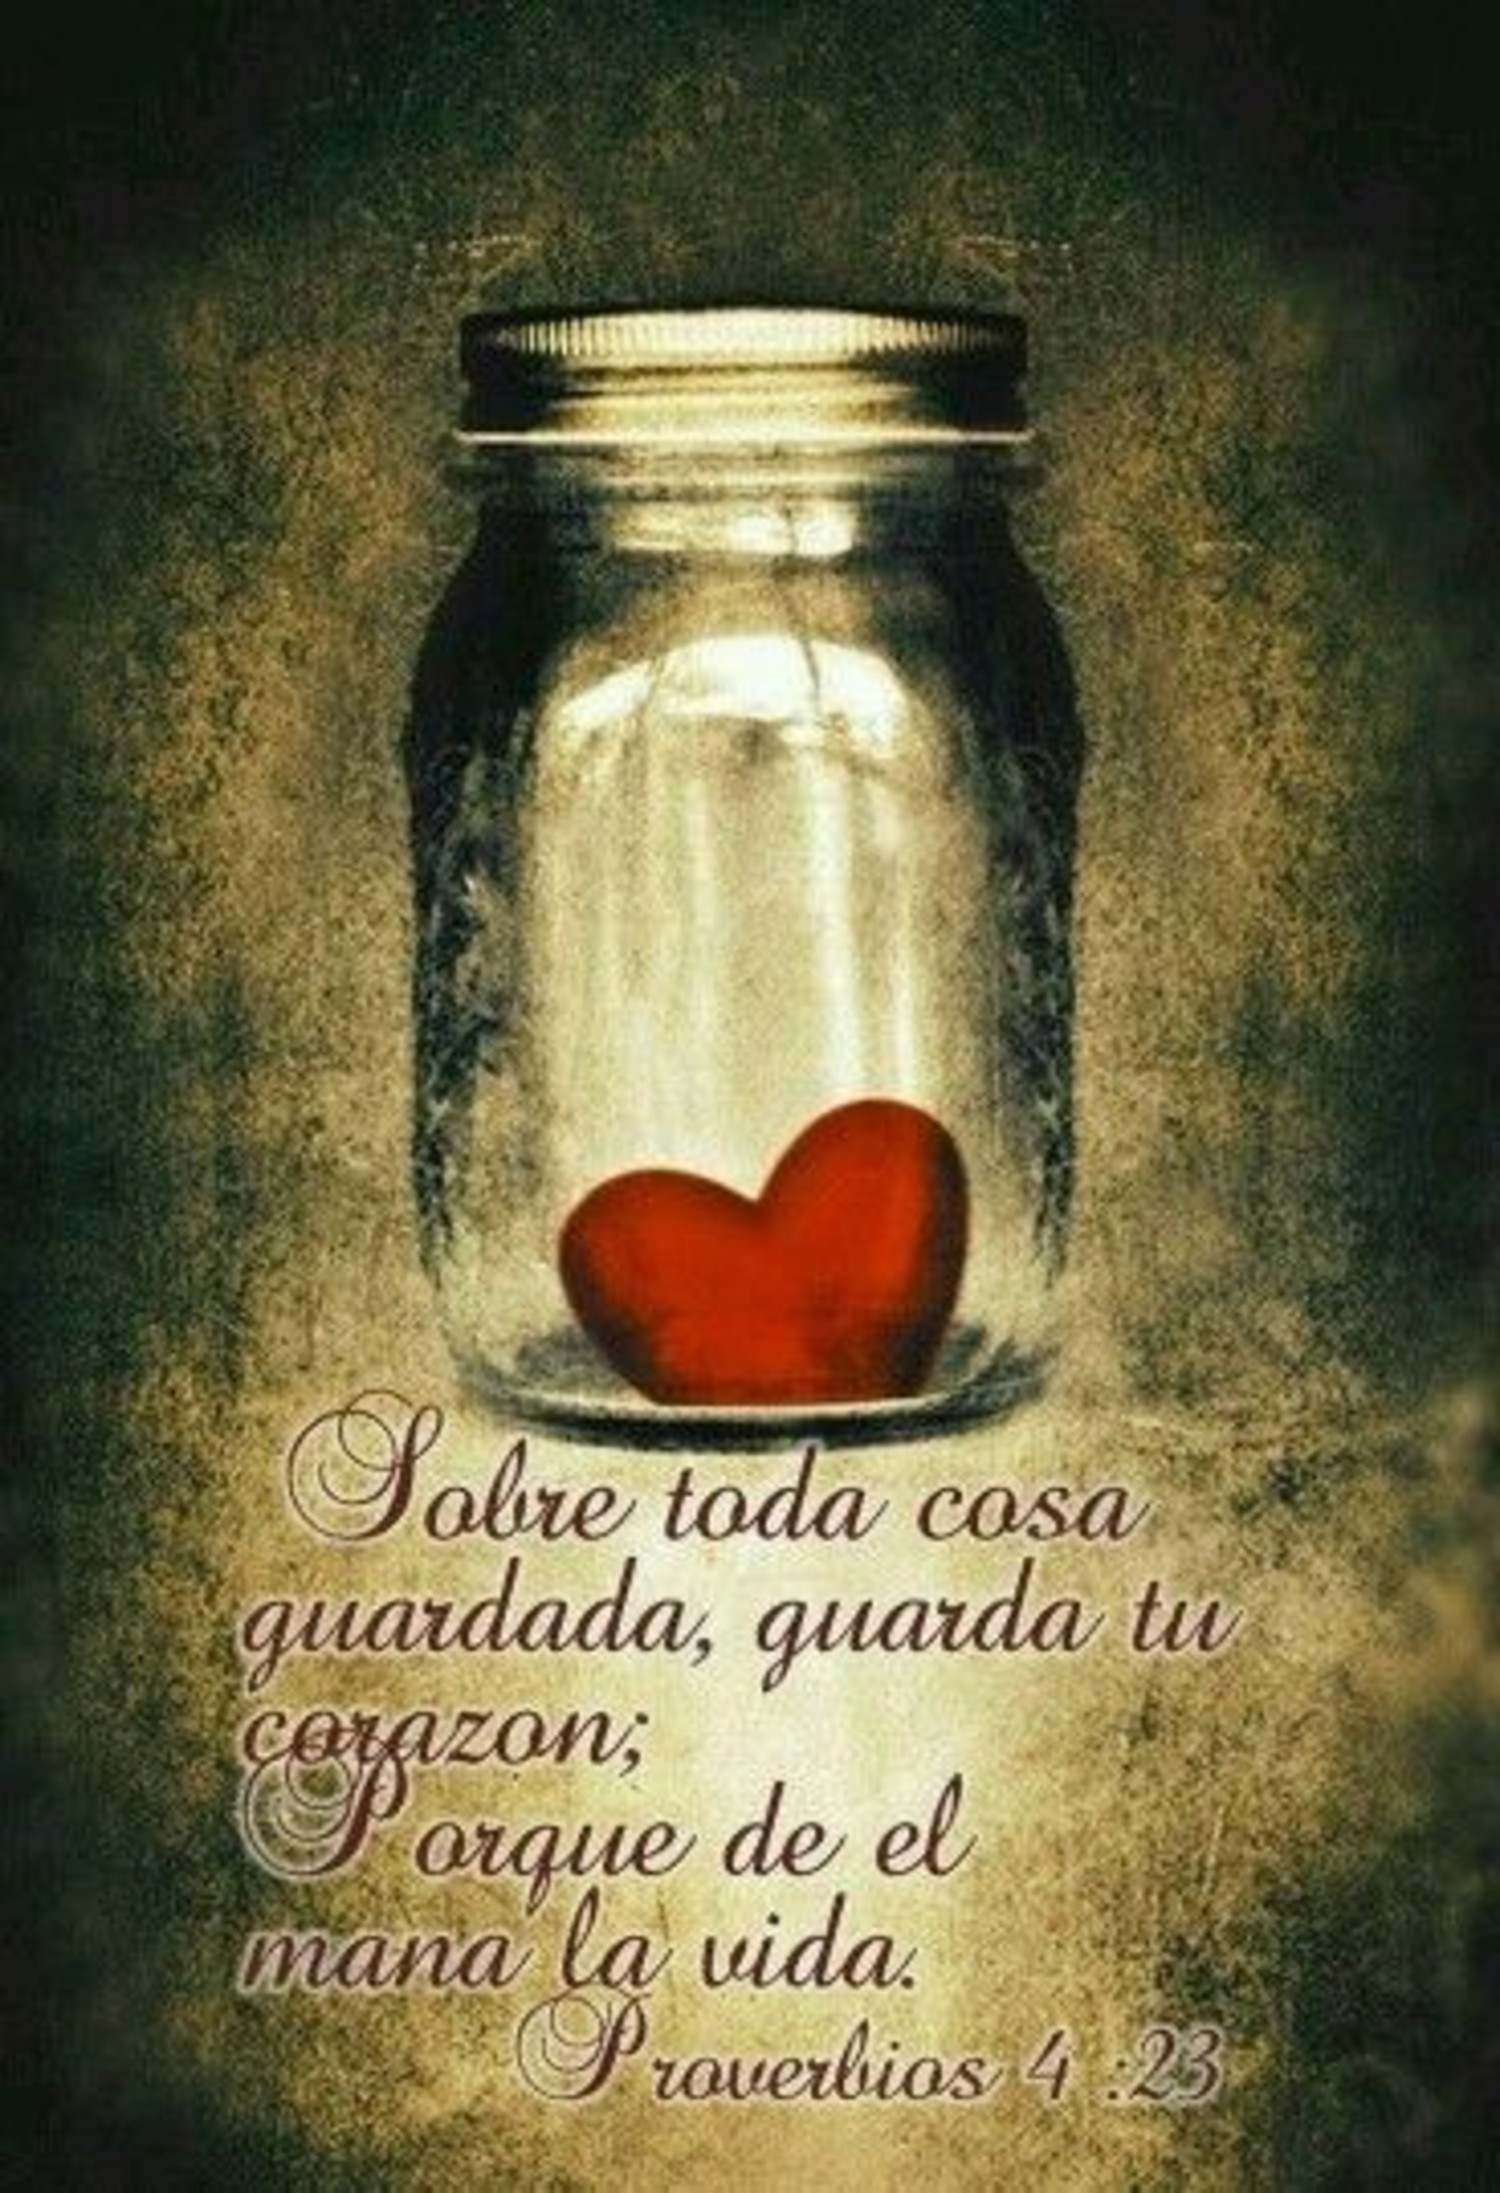 Sobre toda cosa guardada, guarda tu corazon; porque de el mana la vida.